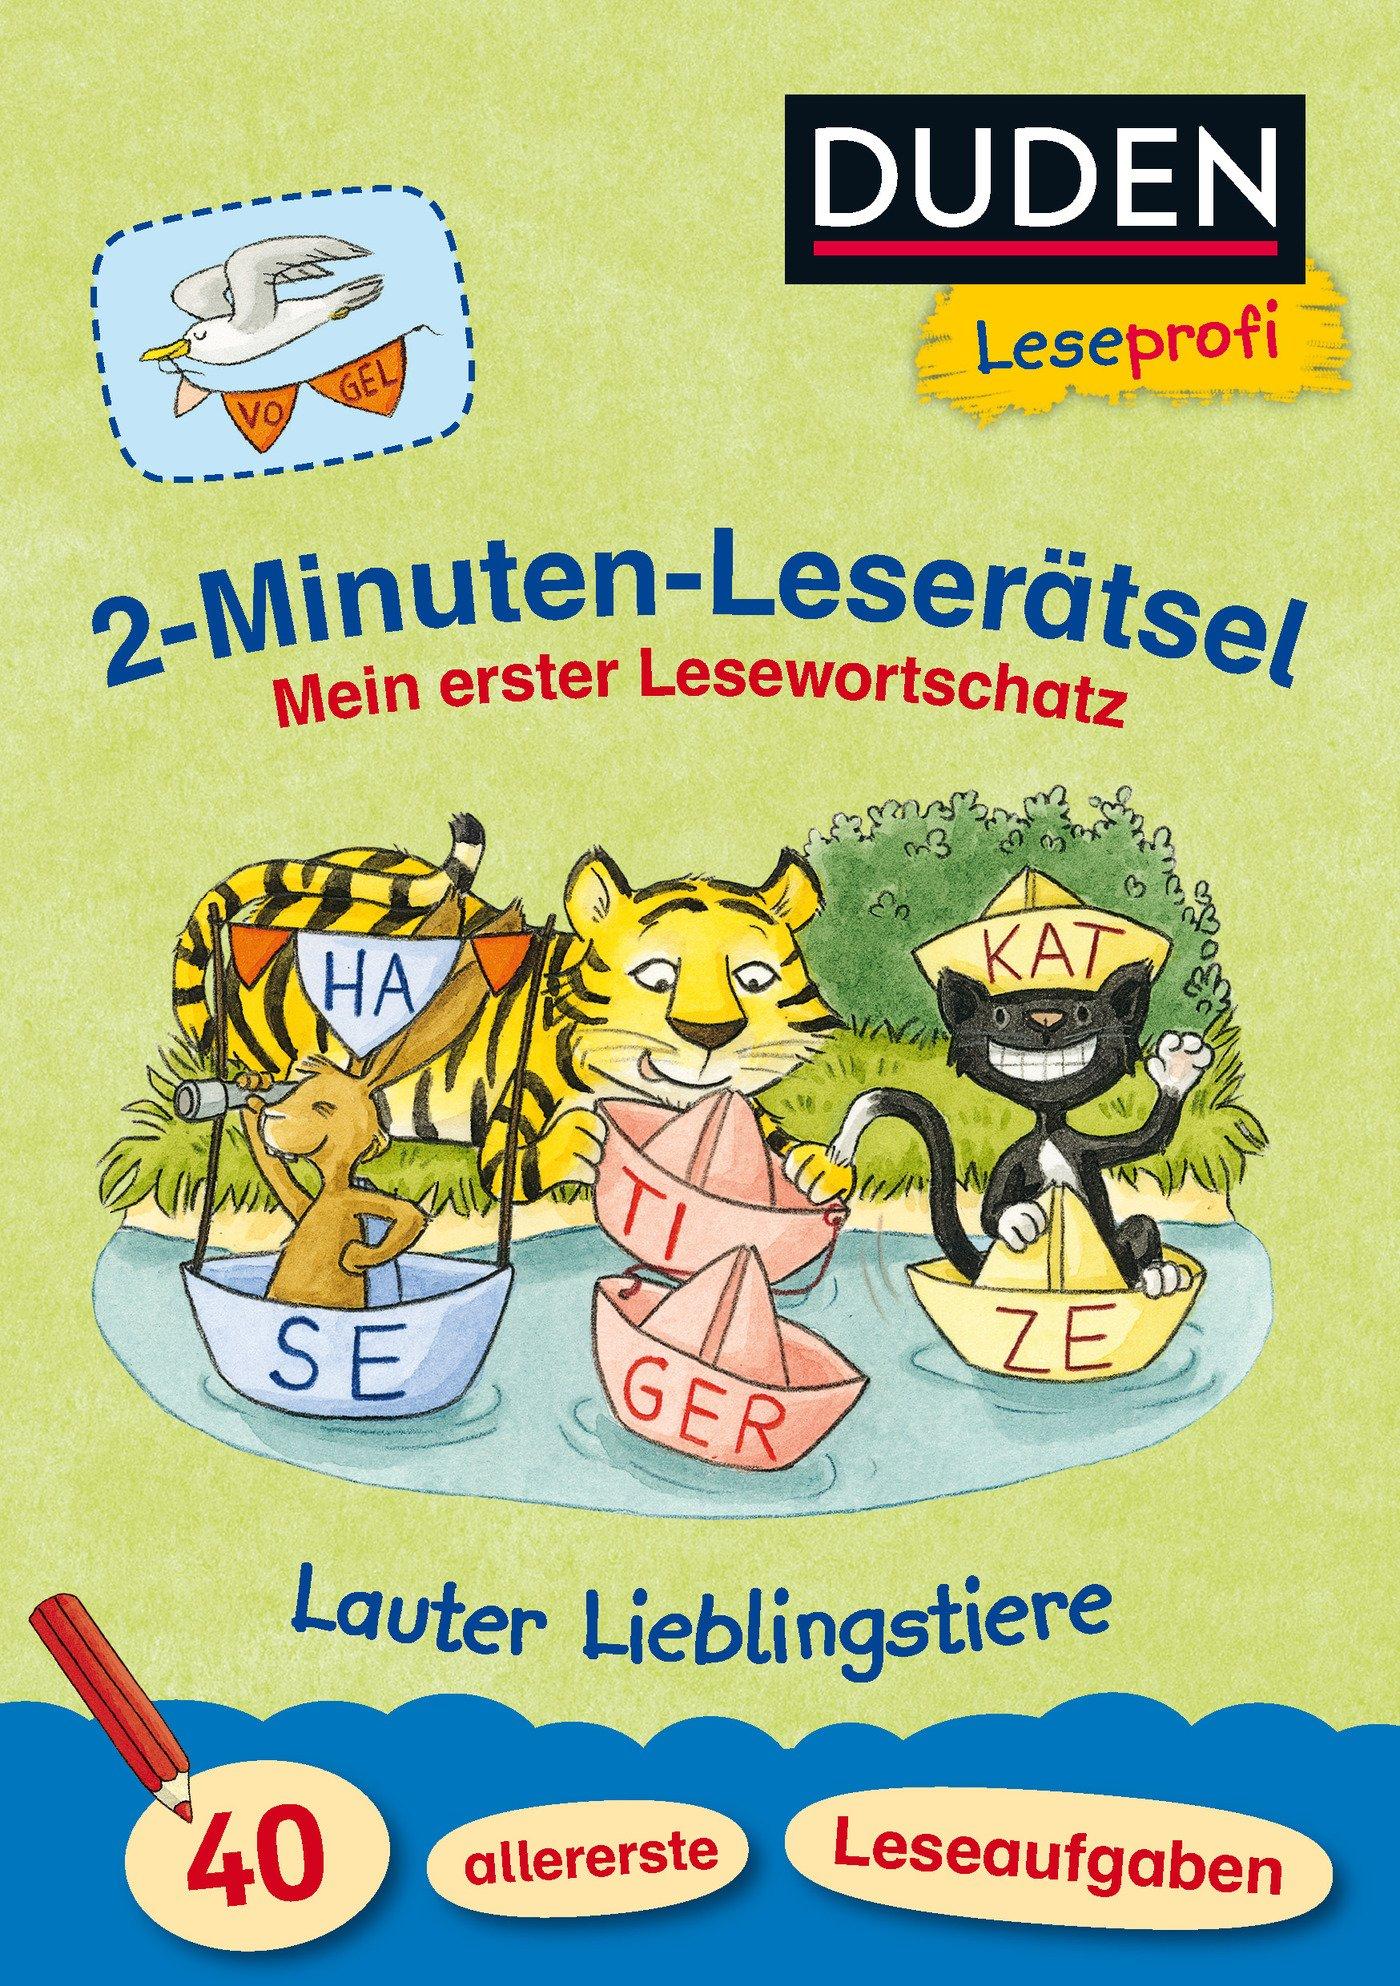 Leseprofi – 2-Minuten-Leserätsel: Mein erster Lesewortschatz. Lauter Lieblingstiere. 40 allererste Leseaufgaben (DUDEN Leseprofi Minuten Leserätsel)